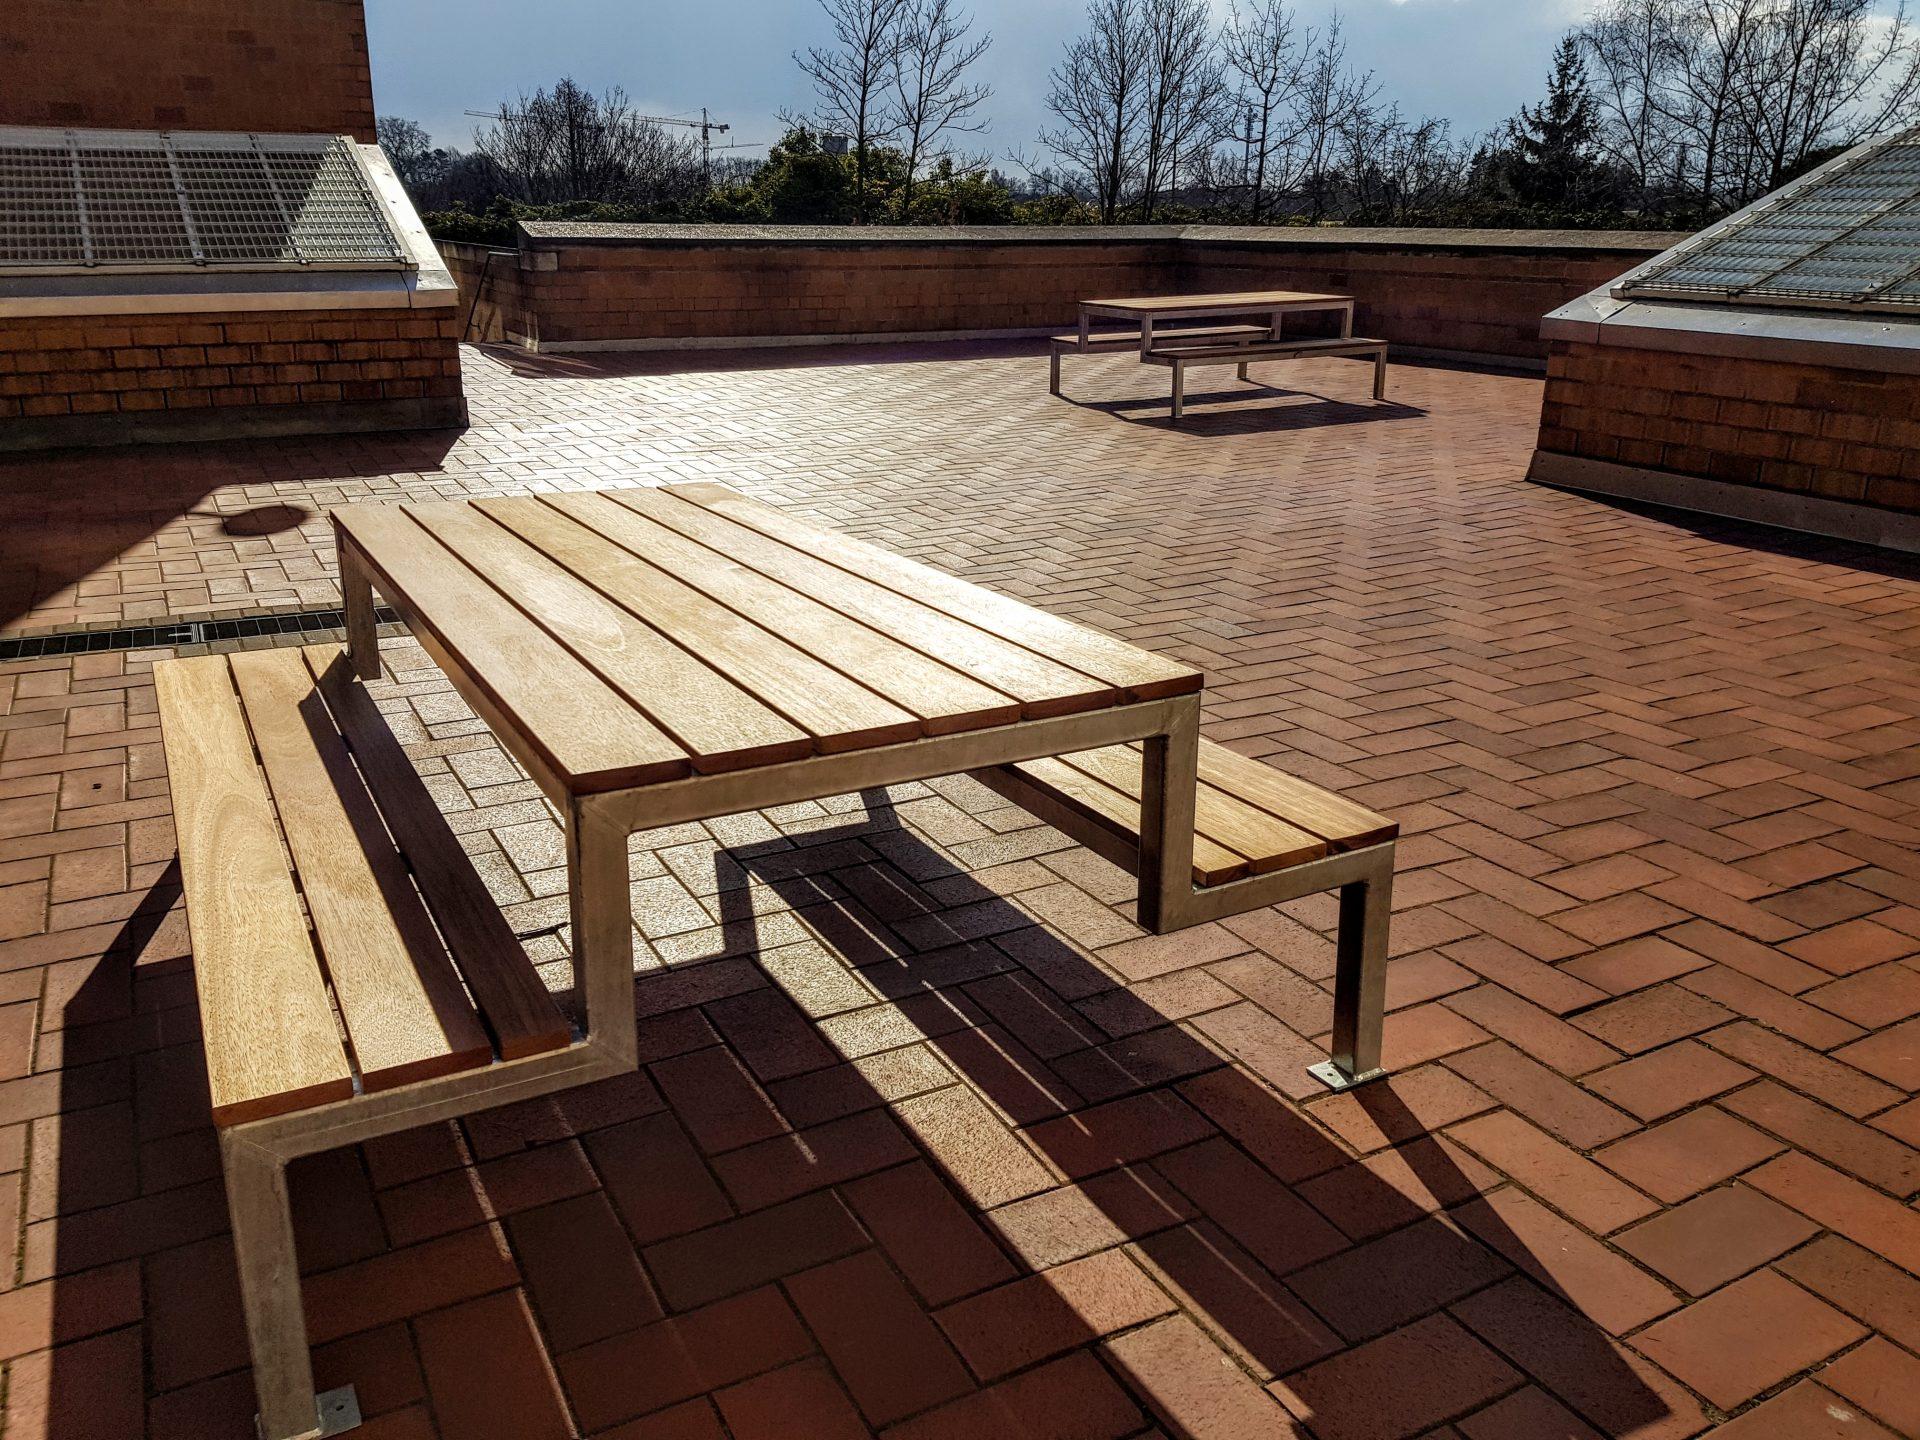 outdoor m bel f r huma gymnasium b k design. Black Bedroom Furniture Sets. Home Design Ideas